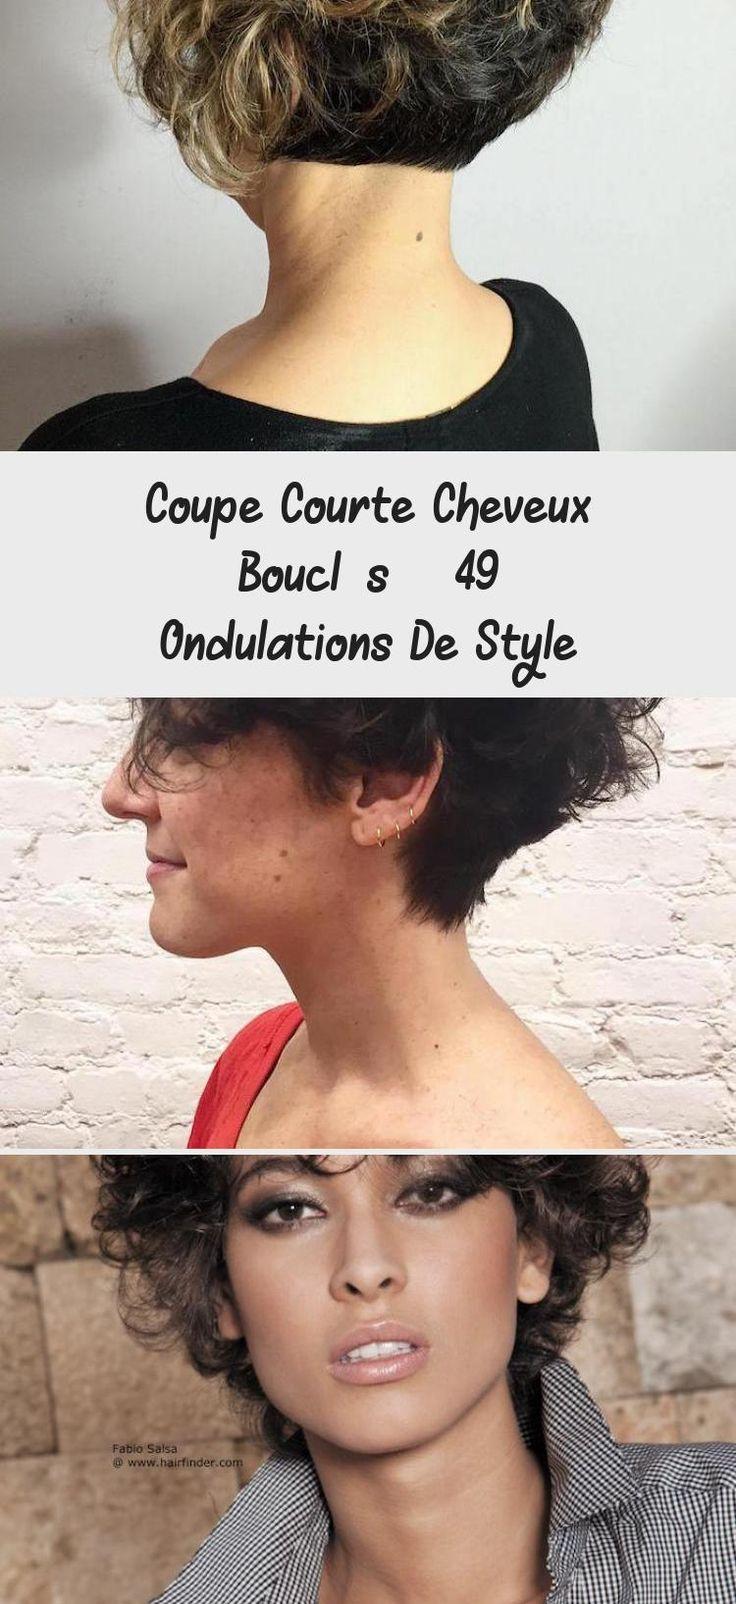 Coupe Courte Cheveux Bouclés - 49 Ondulations De Style